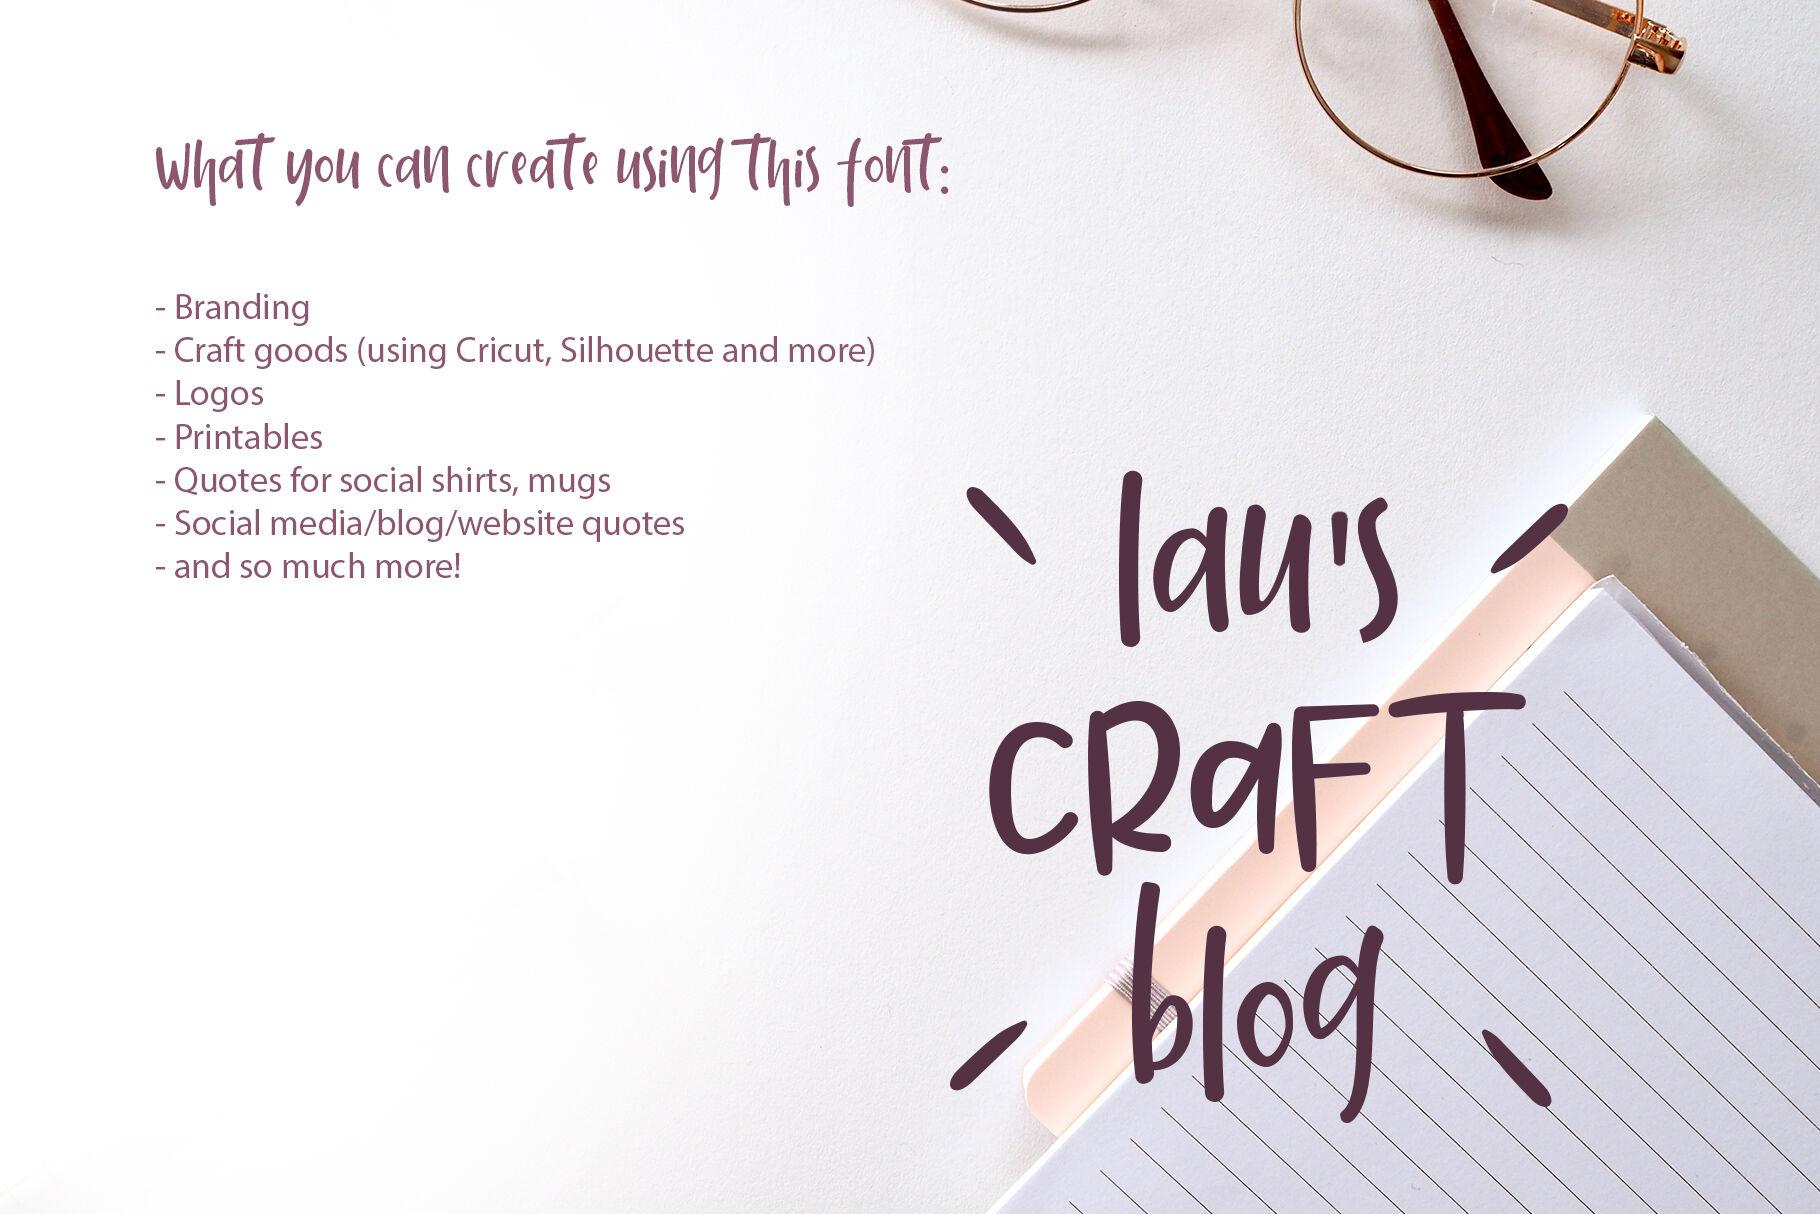 Cotton Merlot A Handwritten Crafting Font By Design 265